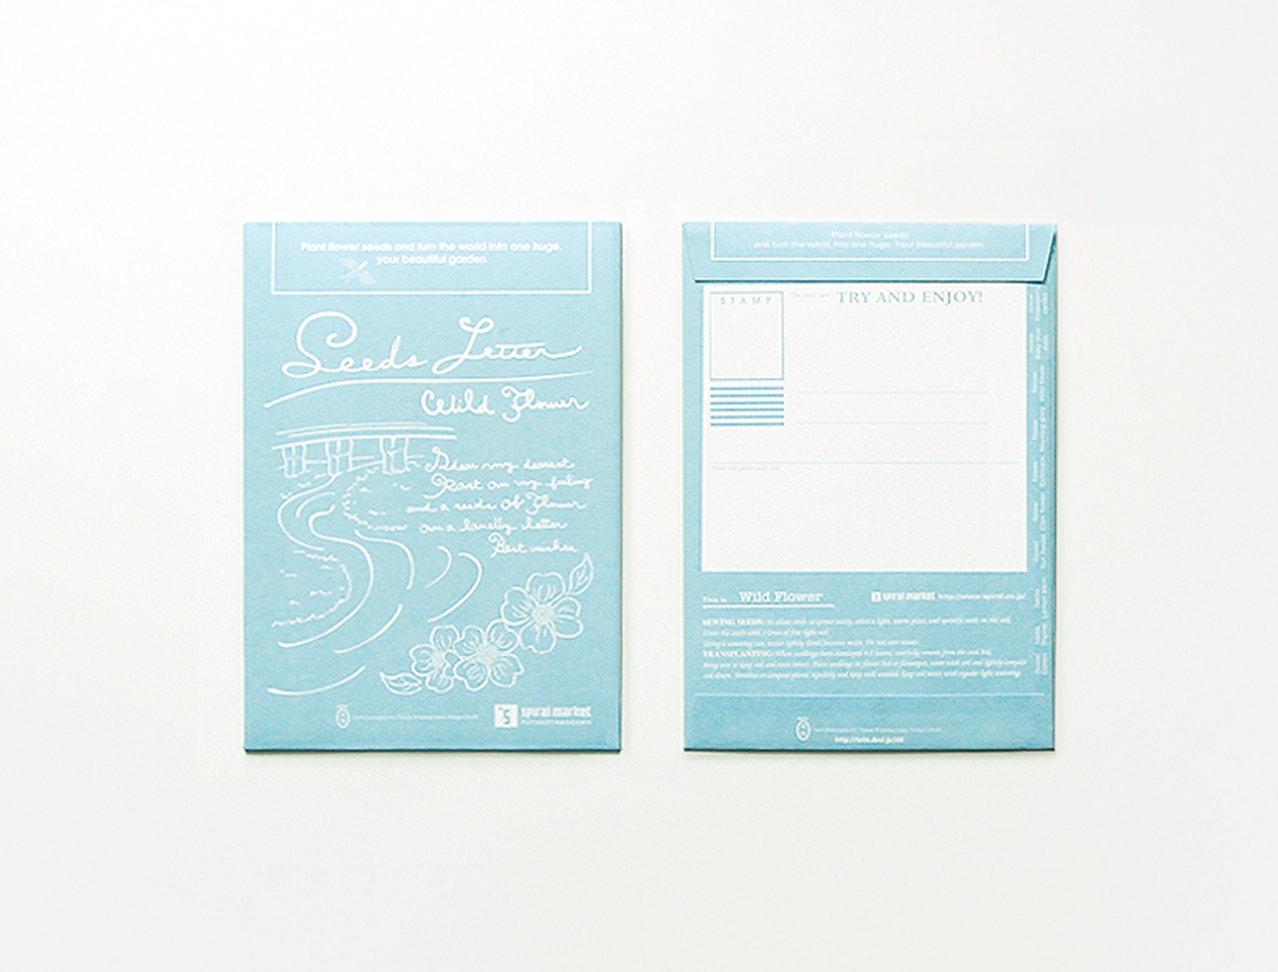 スパイラルマーケット二子玉川店限定オリジナルパッケージ制作